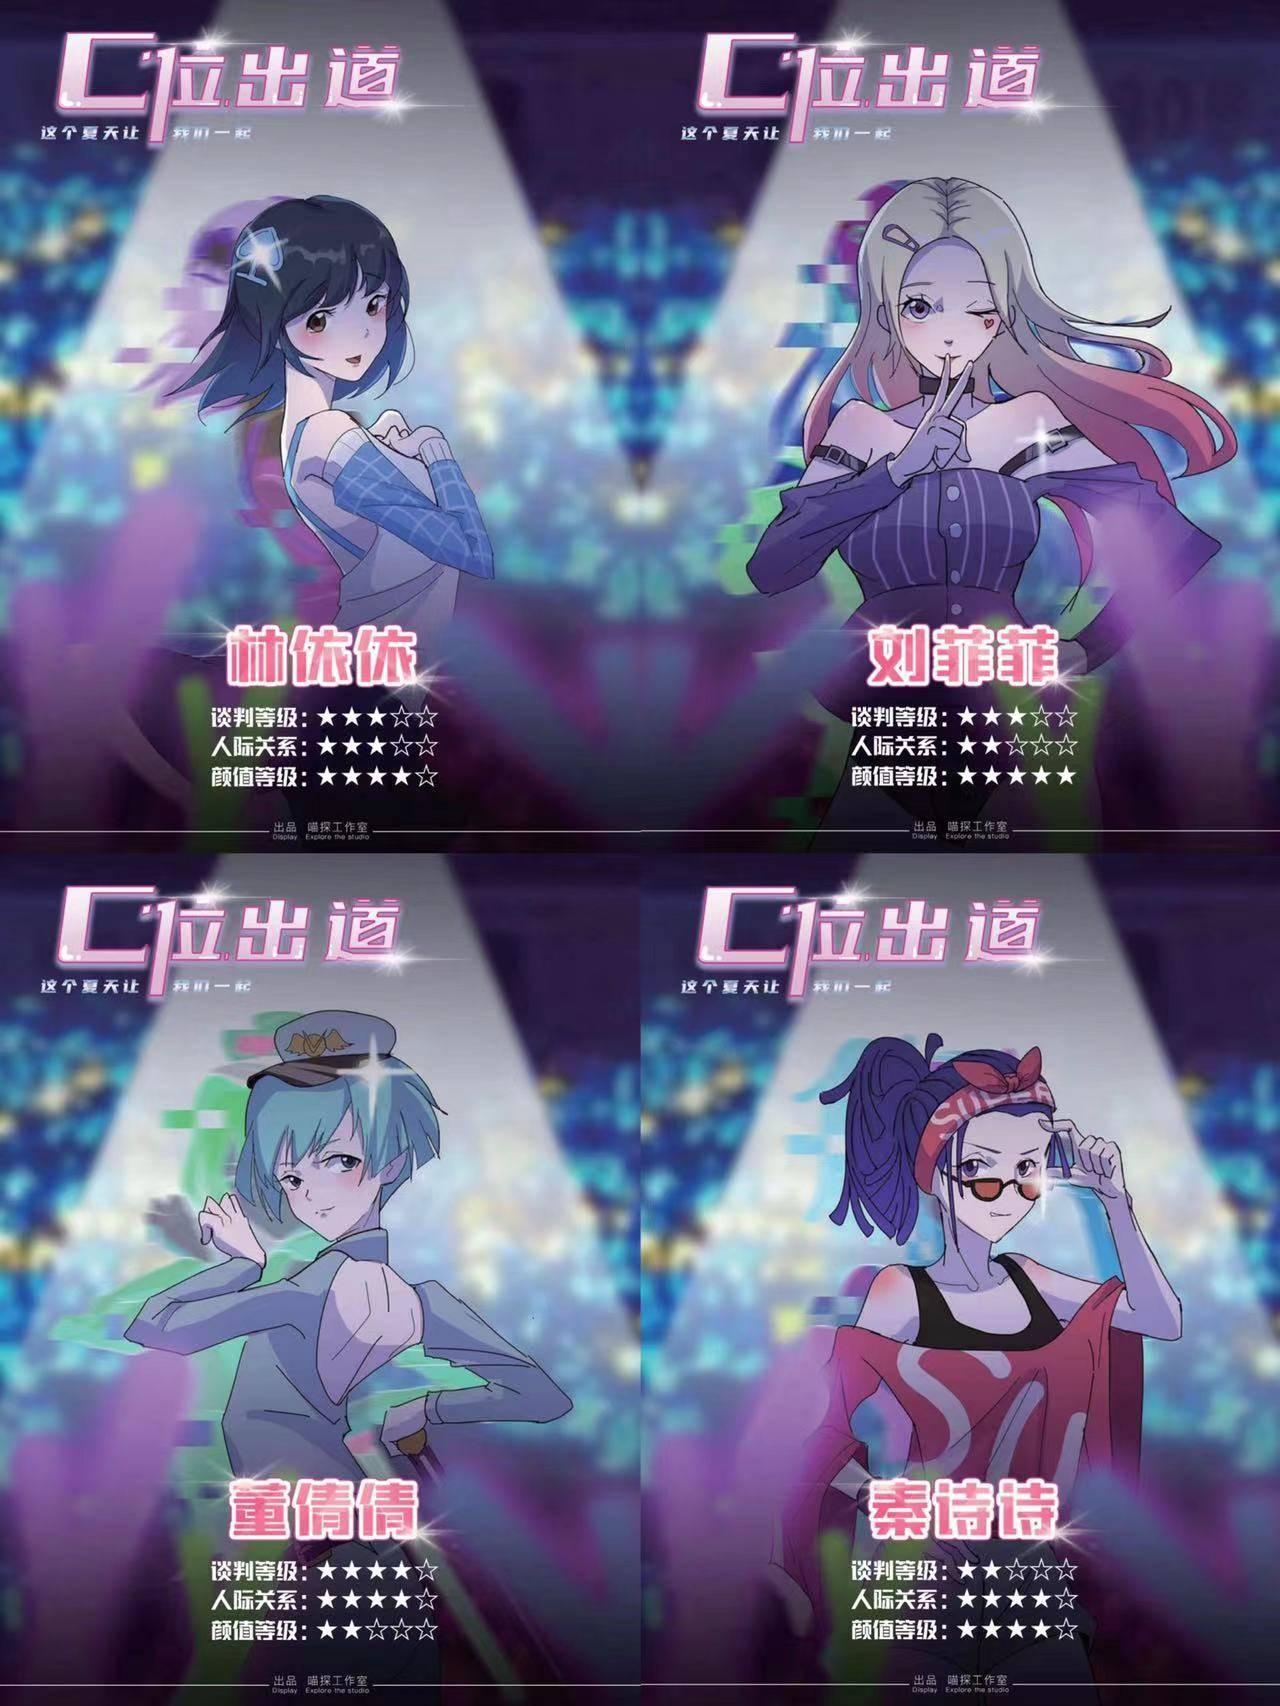 『C位出道』海报2